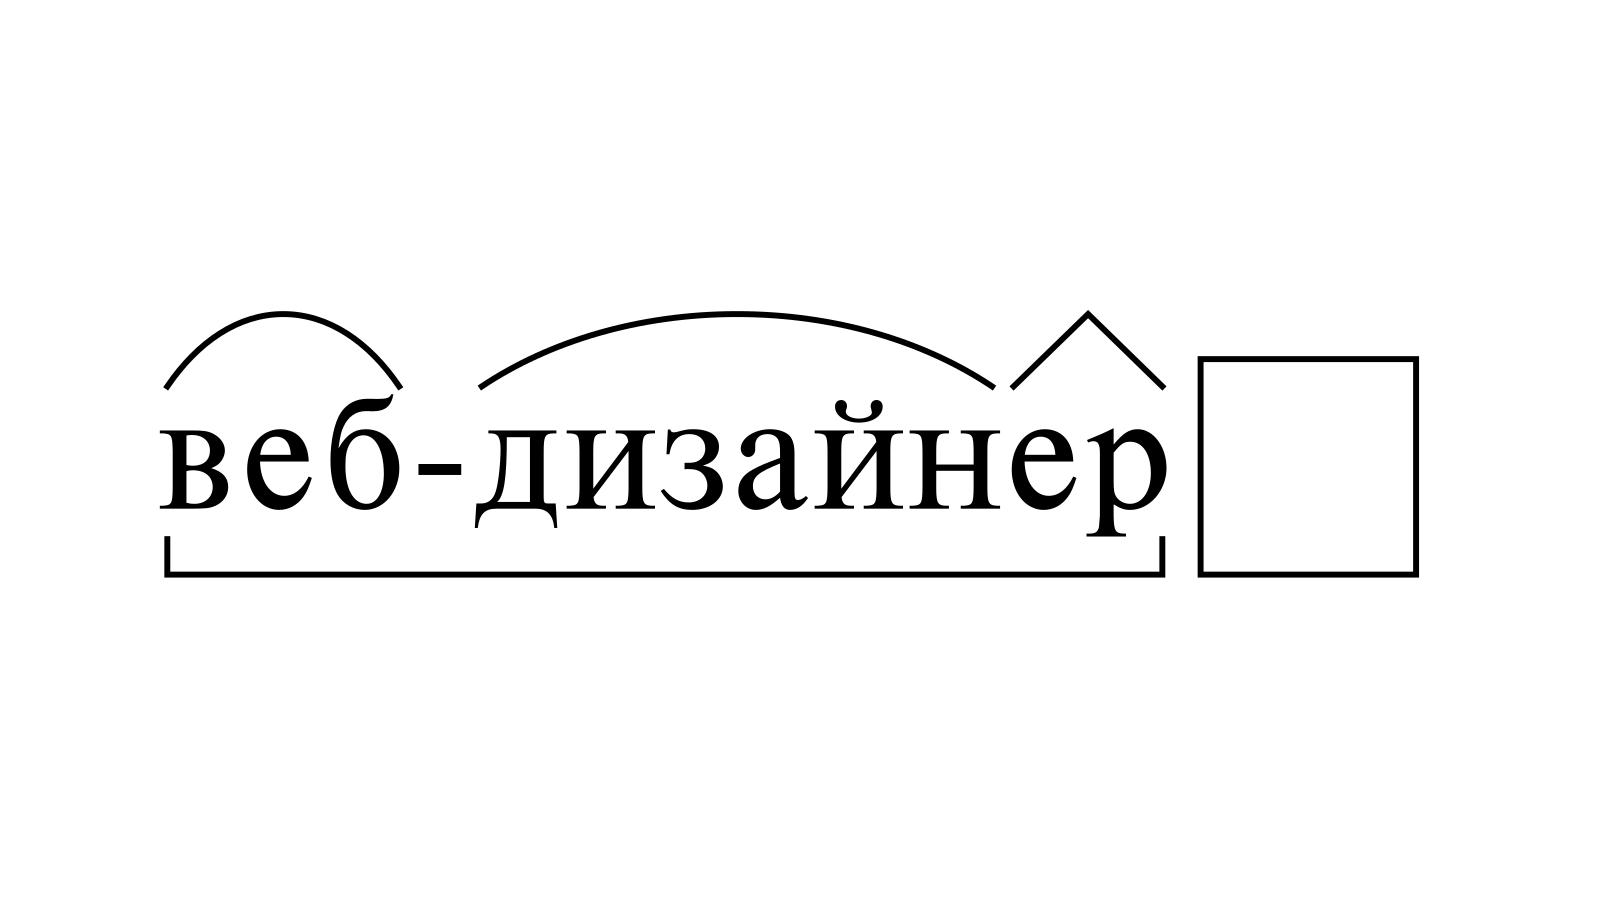 Разбор слова «веб-дизайнер» по составу